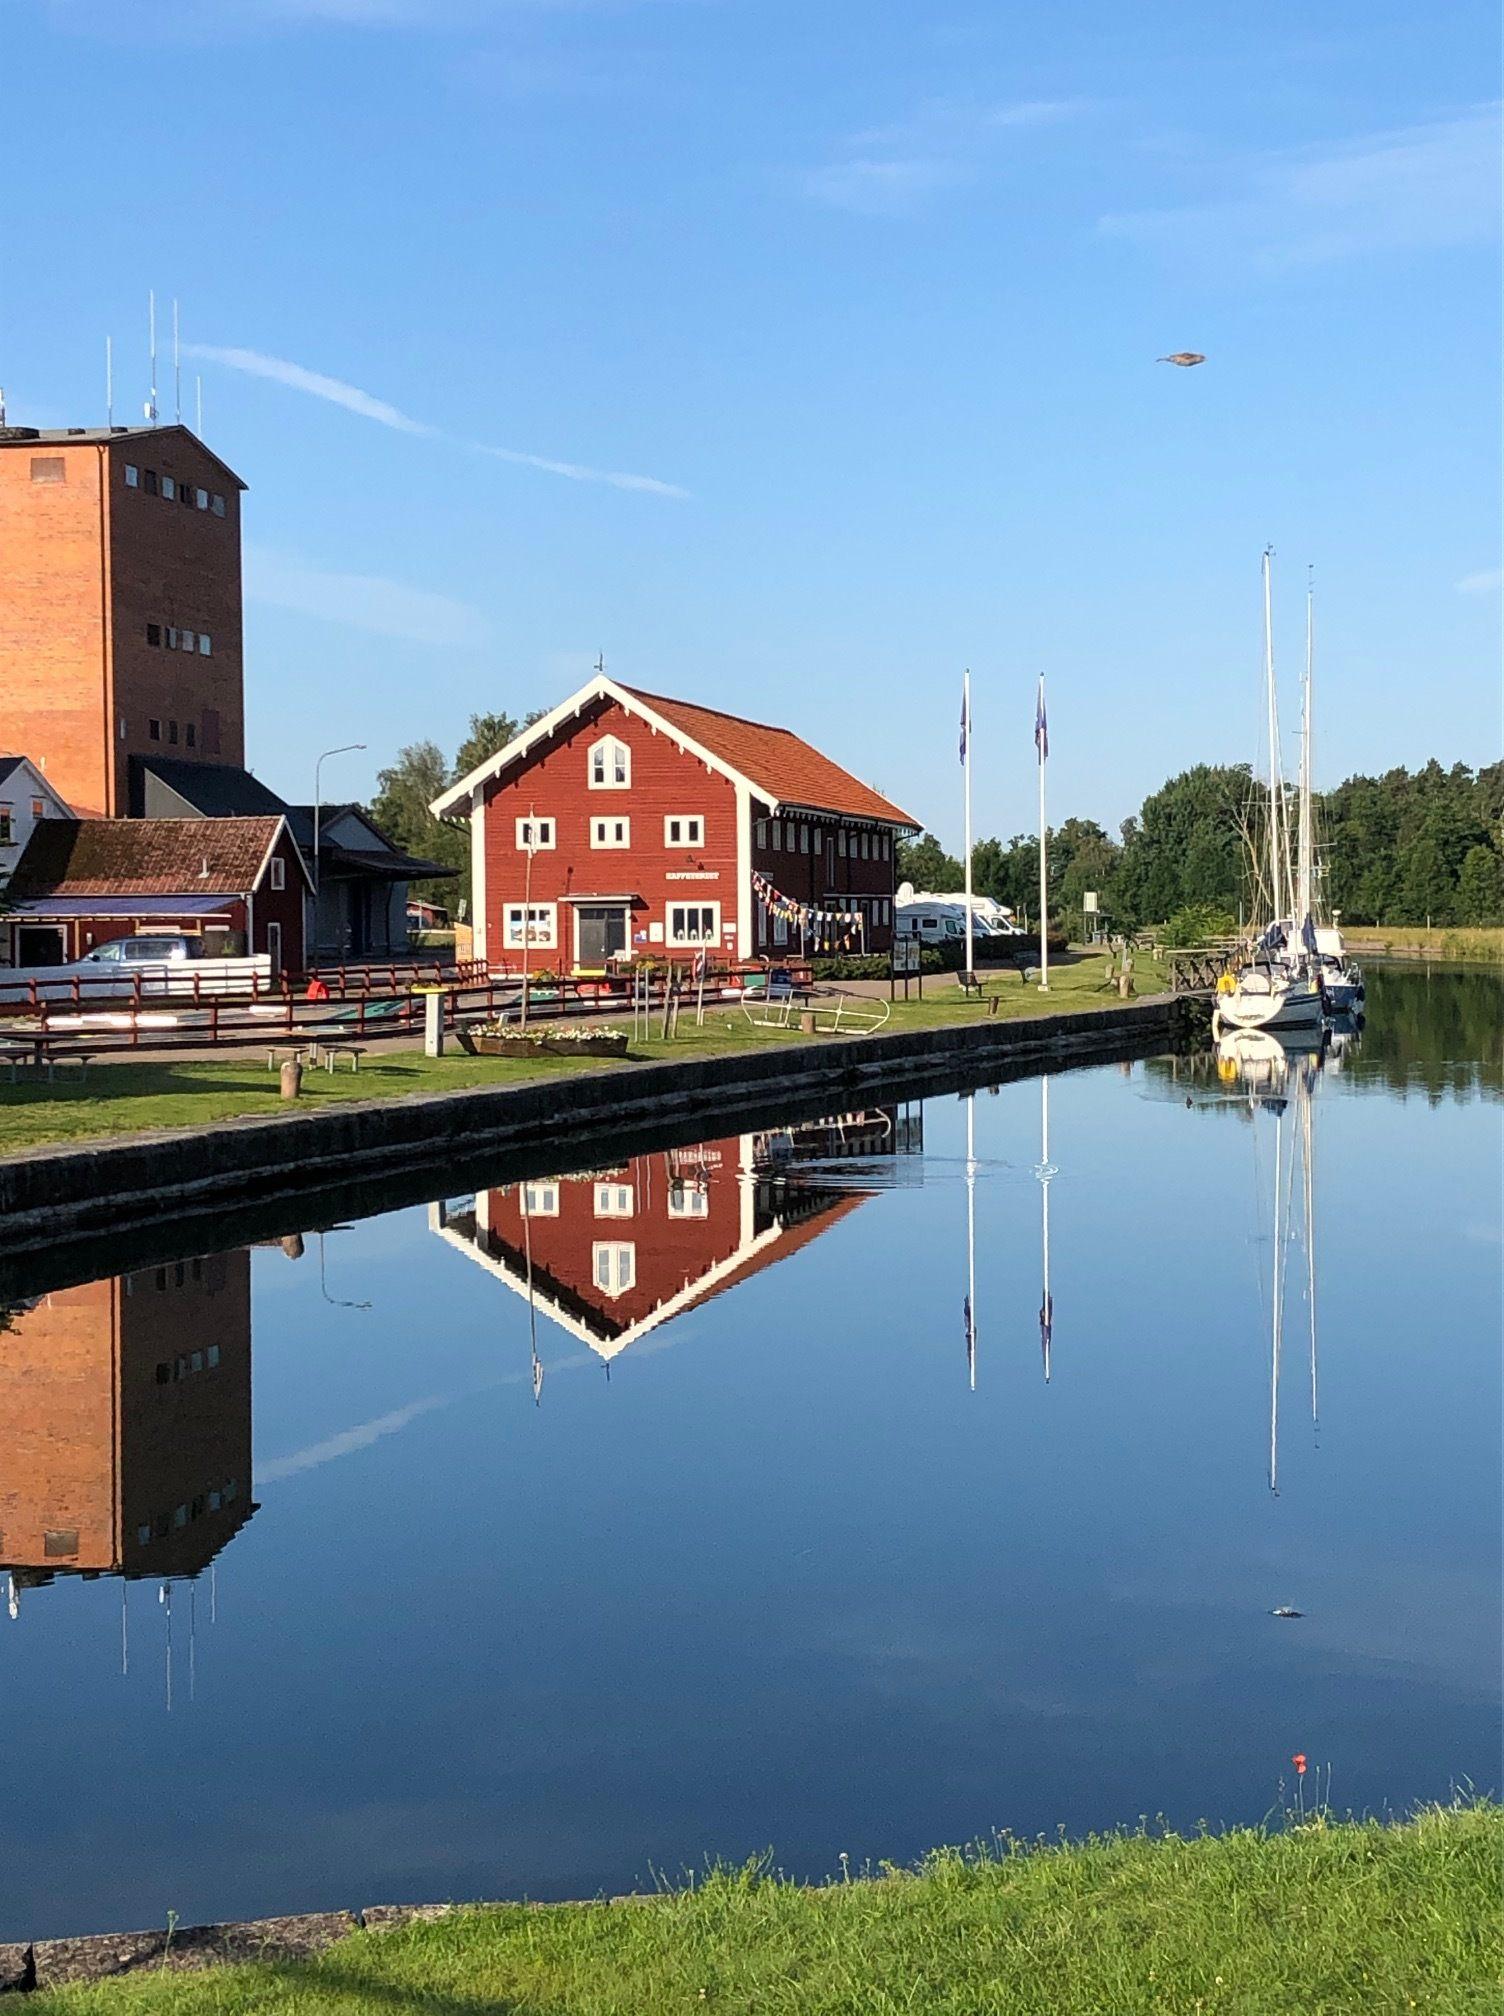 Spegelblankt vatten och klarblå himmel. På andra sidan vattnet ligger en röd byggnad med vita knutar.